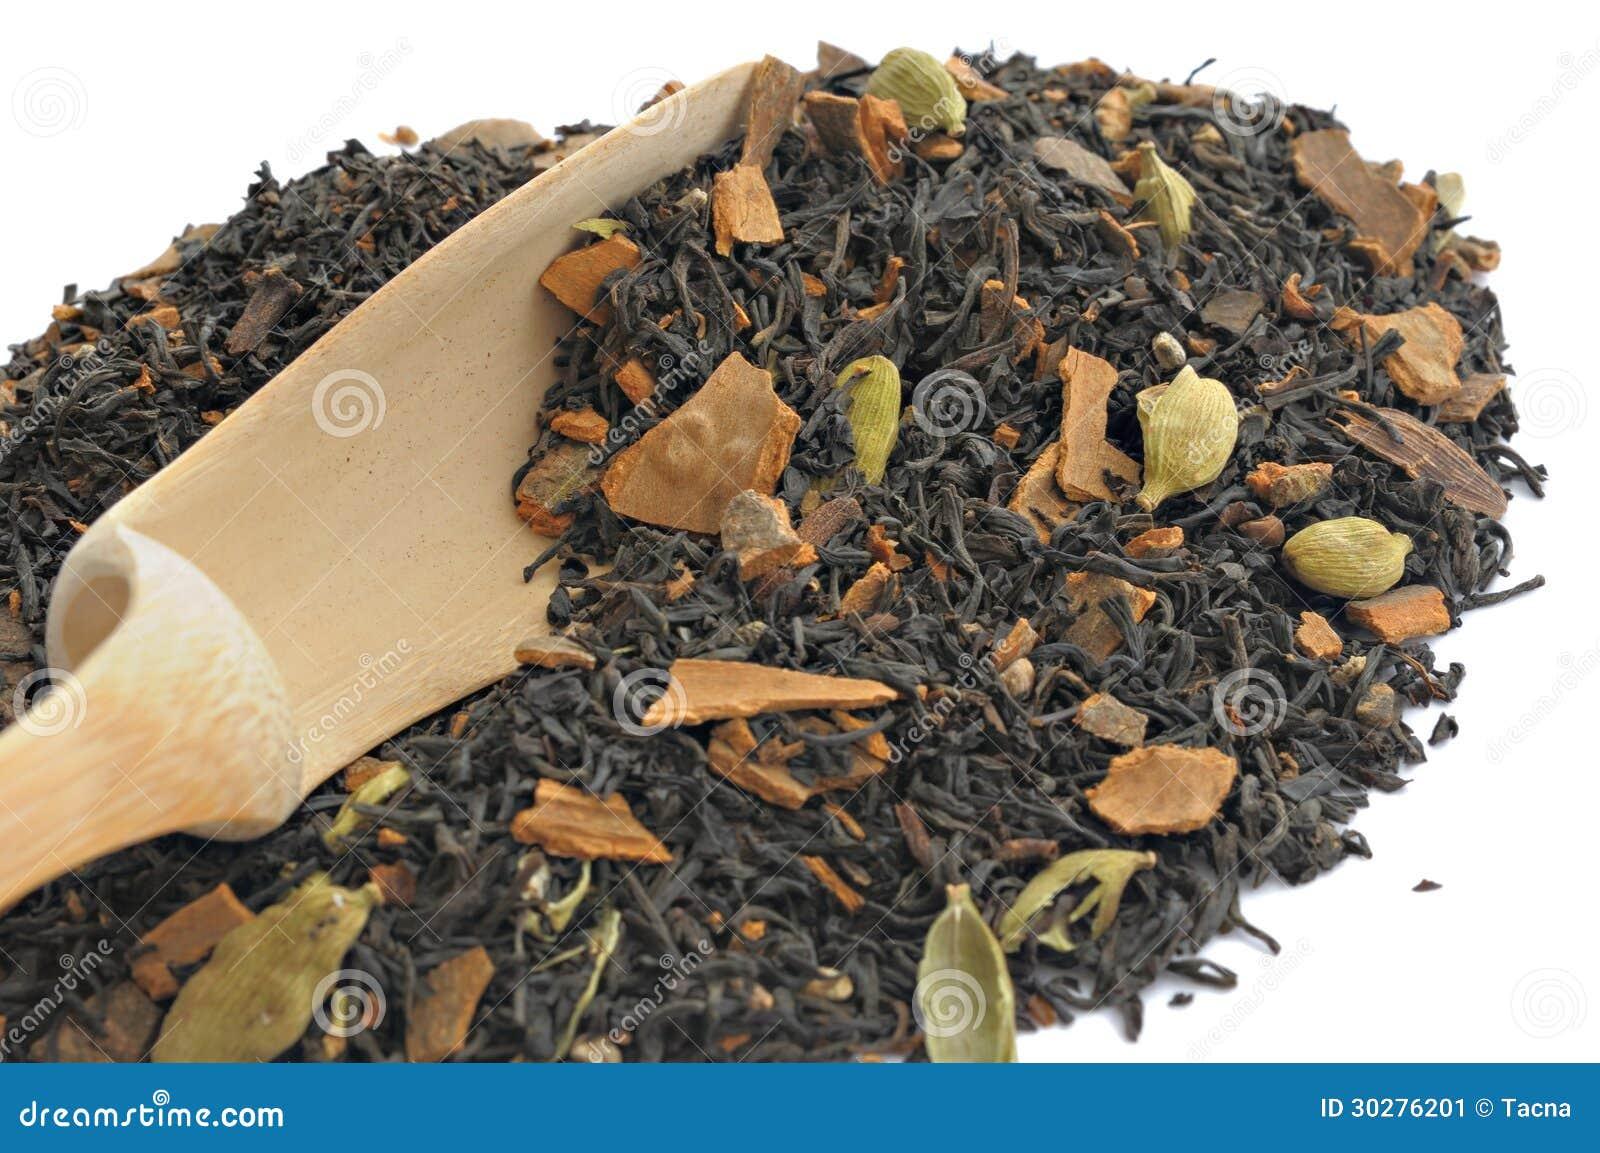 中国茶用豆蔻果实